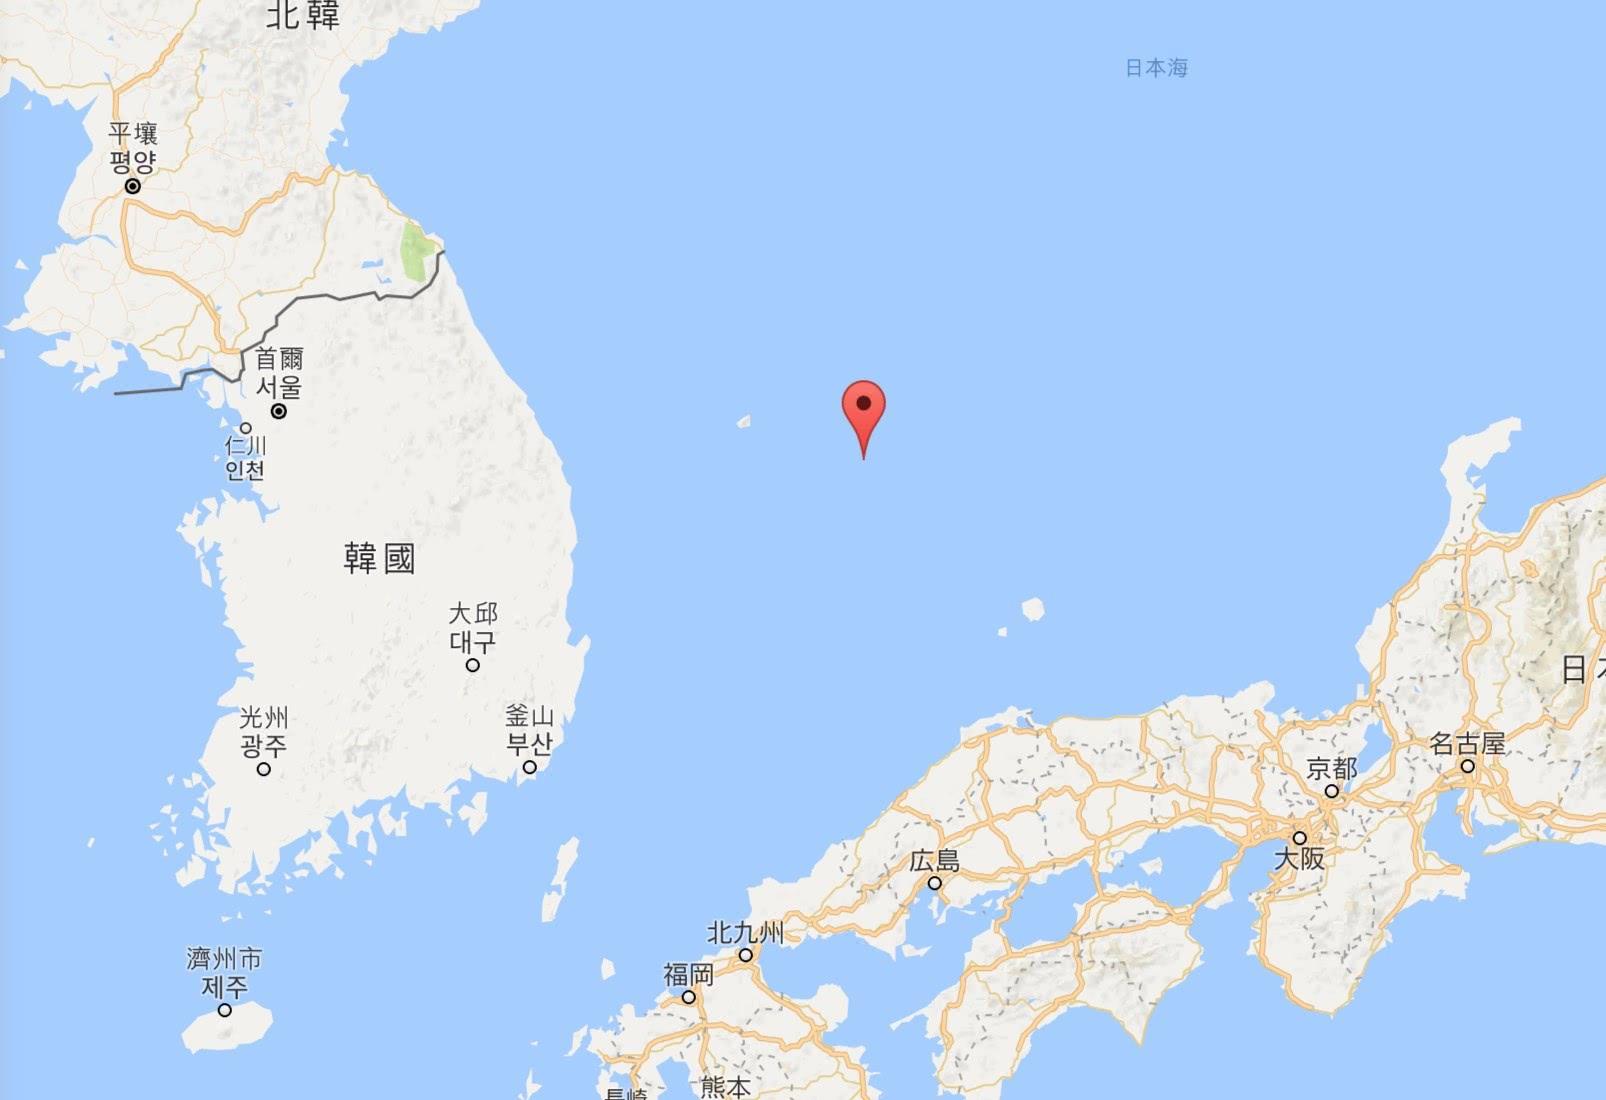 独岛(竹岛)地位表示 图自谷歌舆图